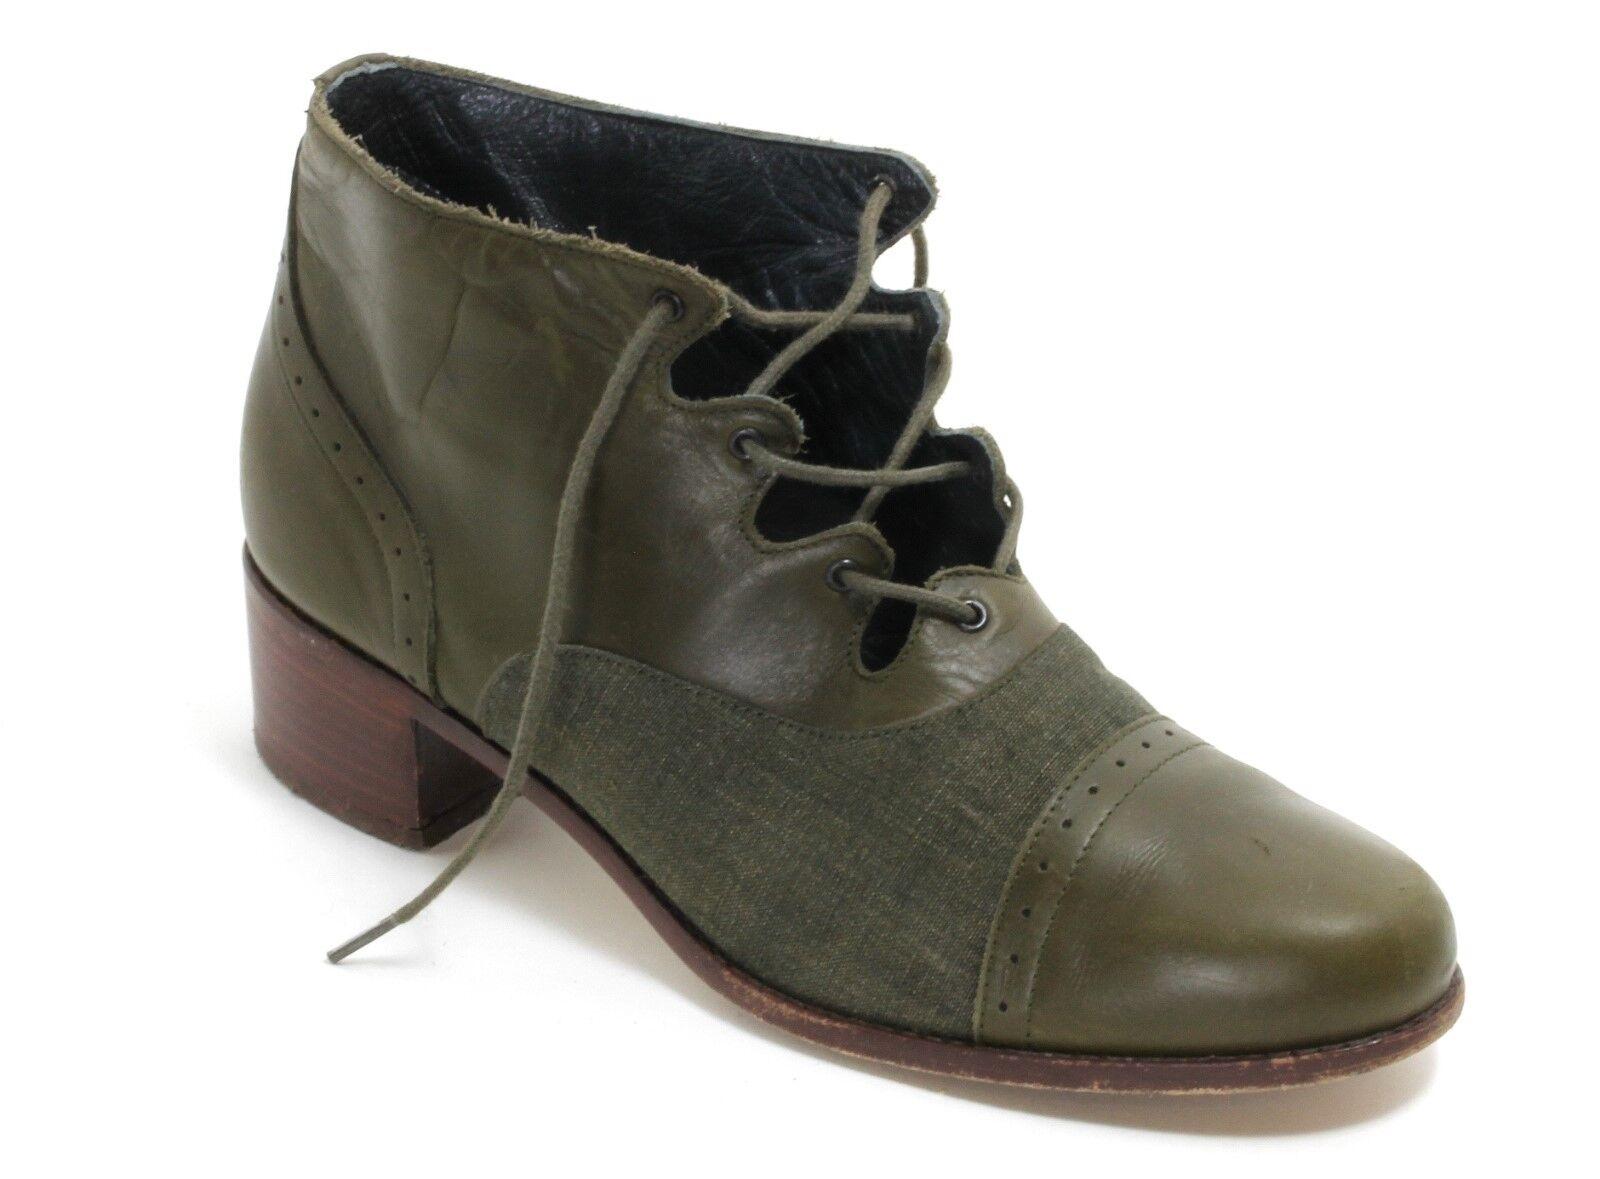 Leder Vintage Schnürschuhe Schnürstiefelette Olivgrün Stoff Jeans Lochmuster 37